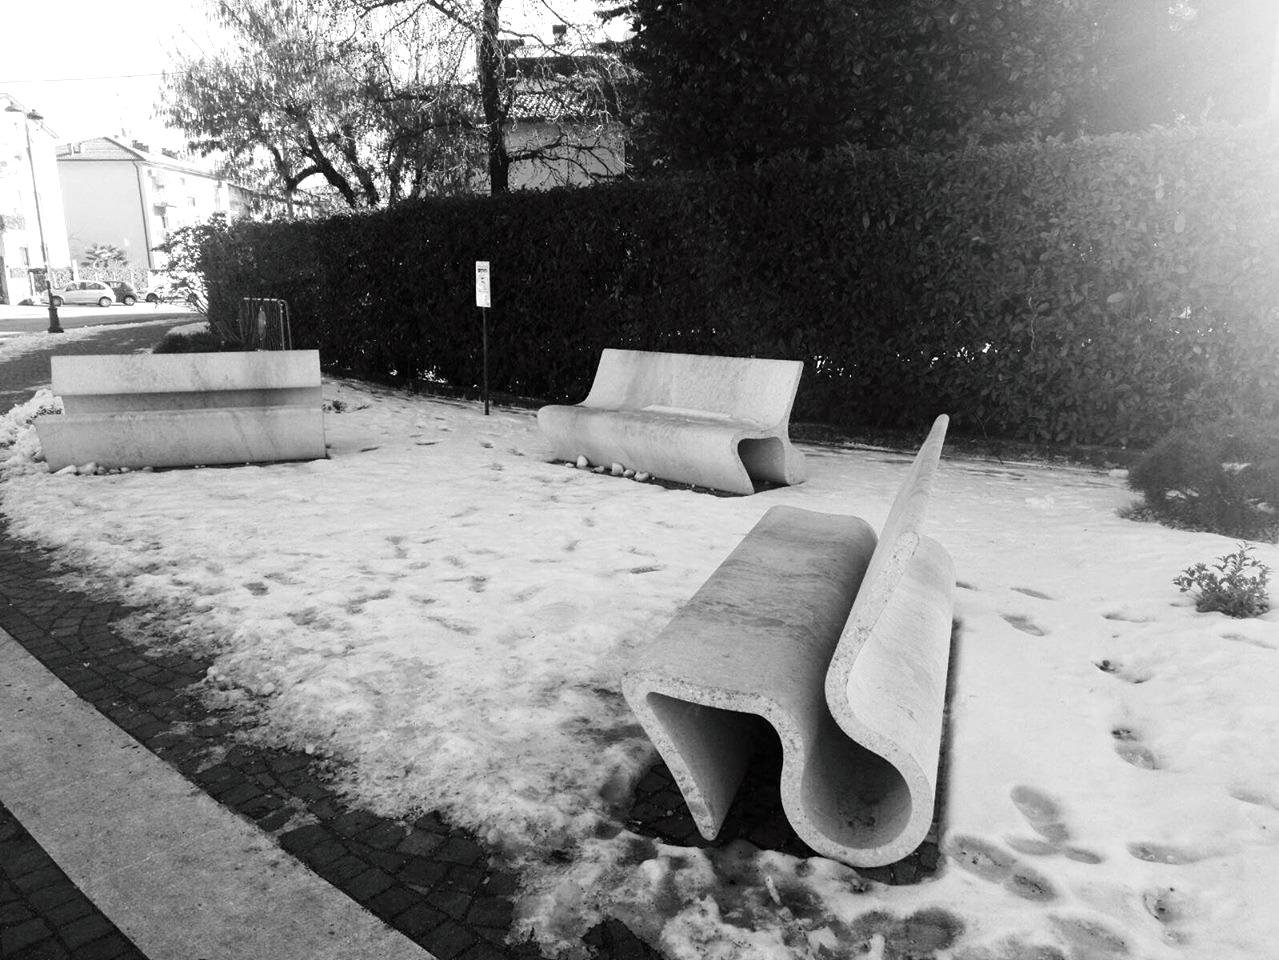 bancs neige